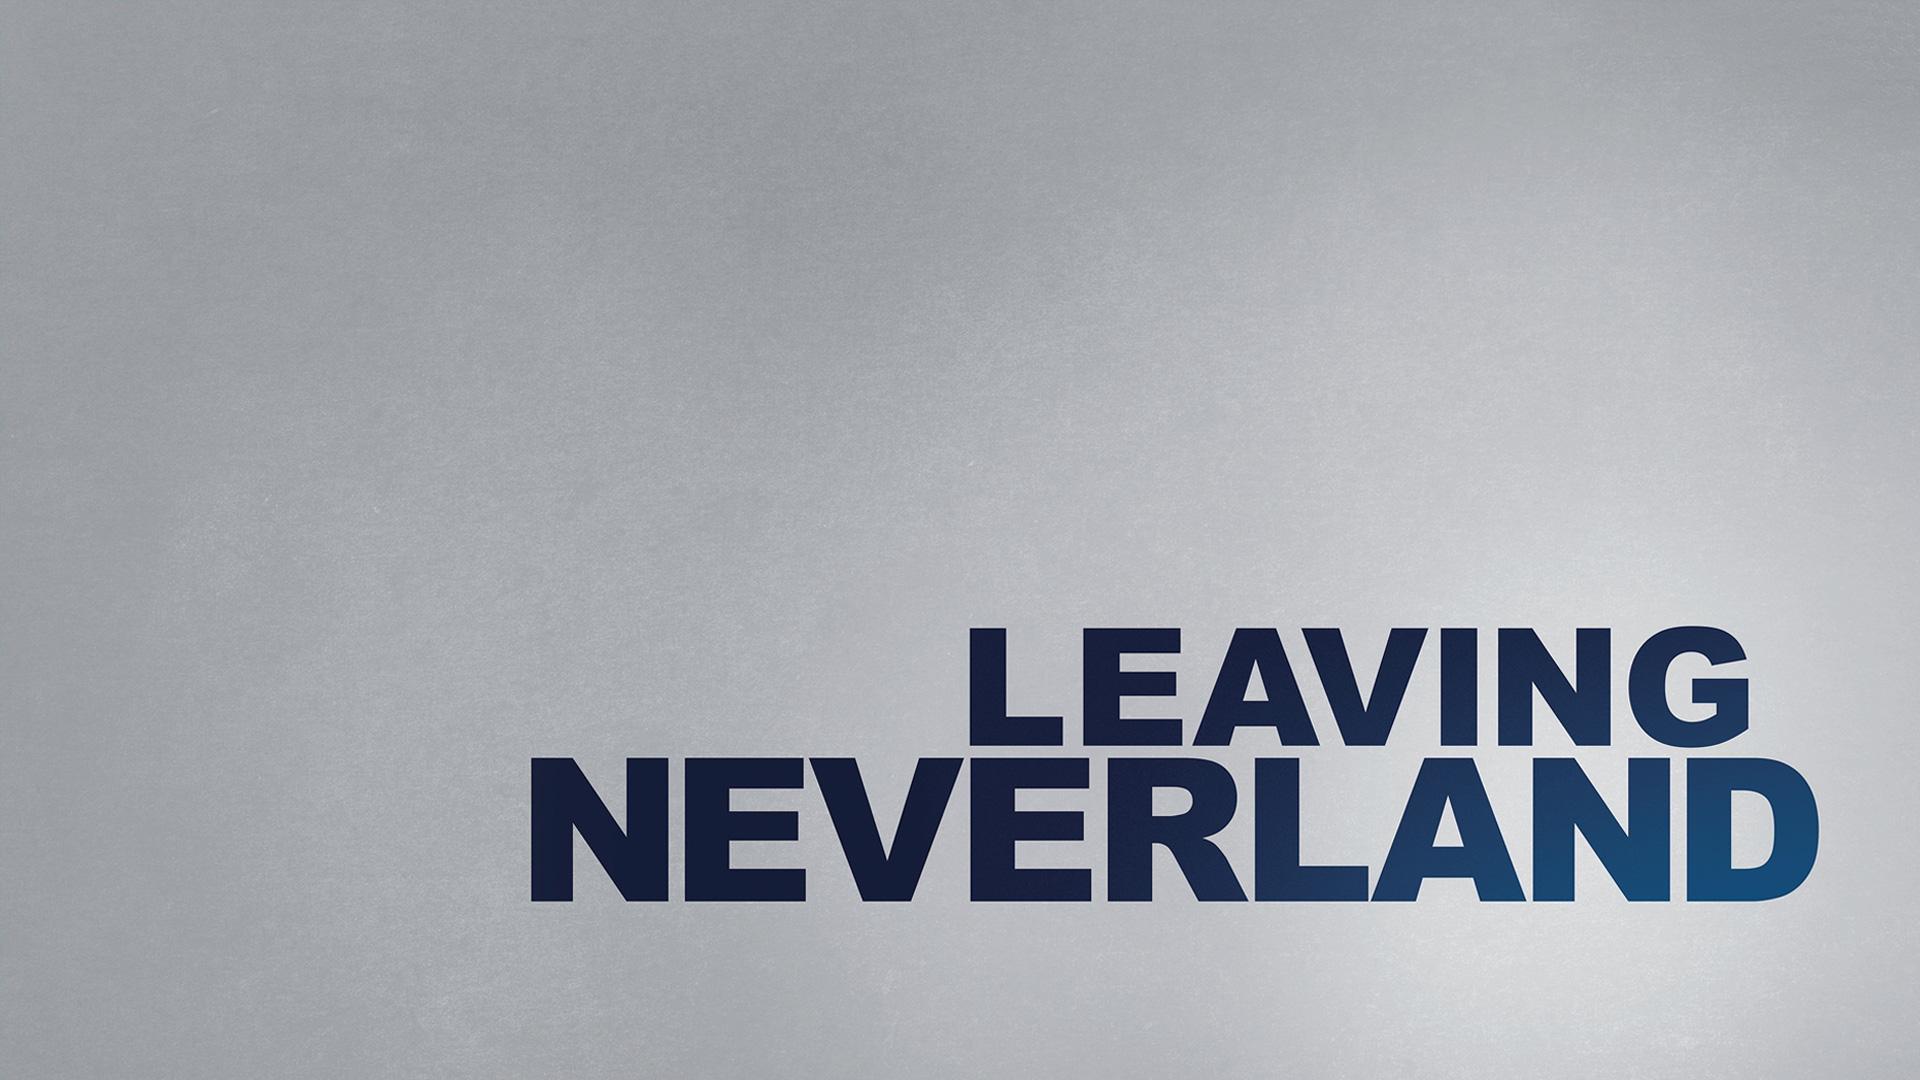 Leaving Neverland - Season 1